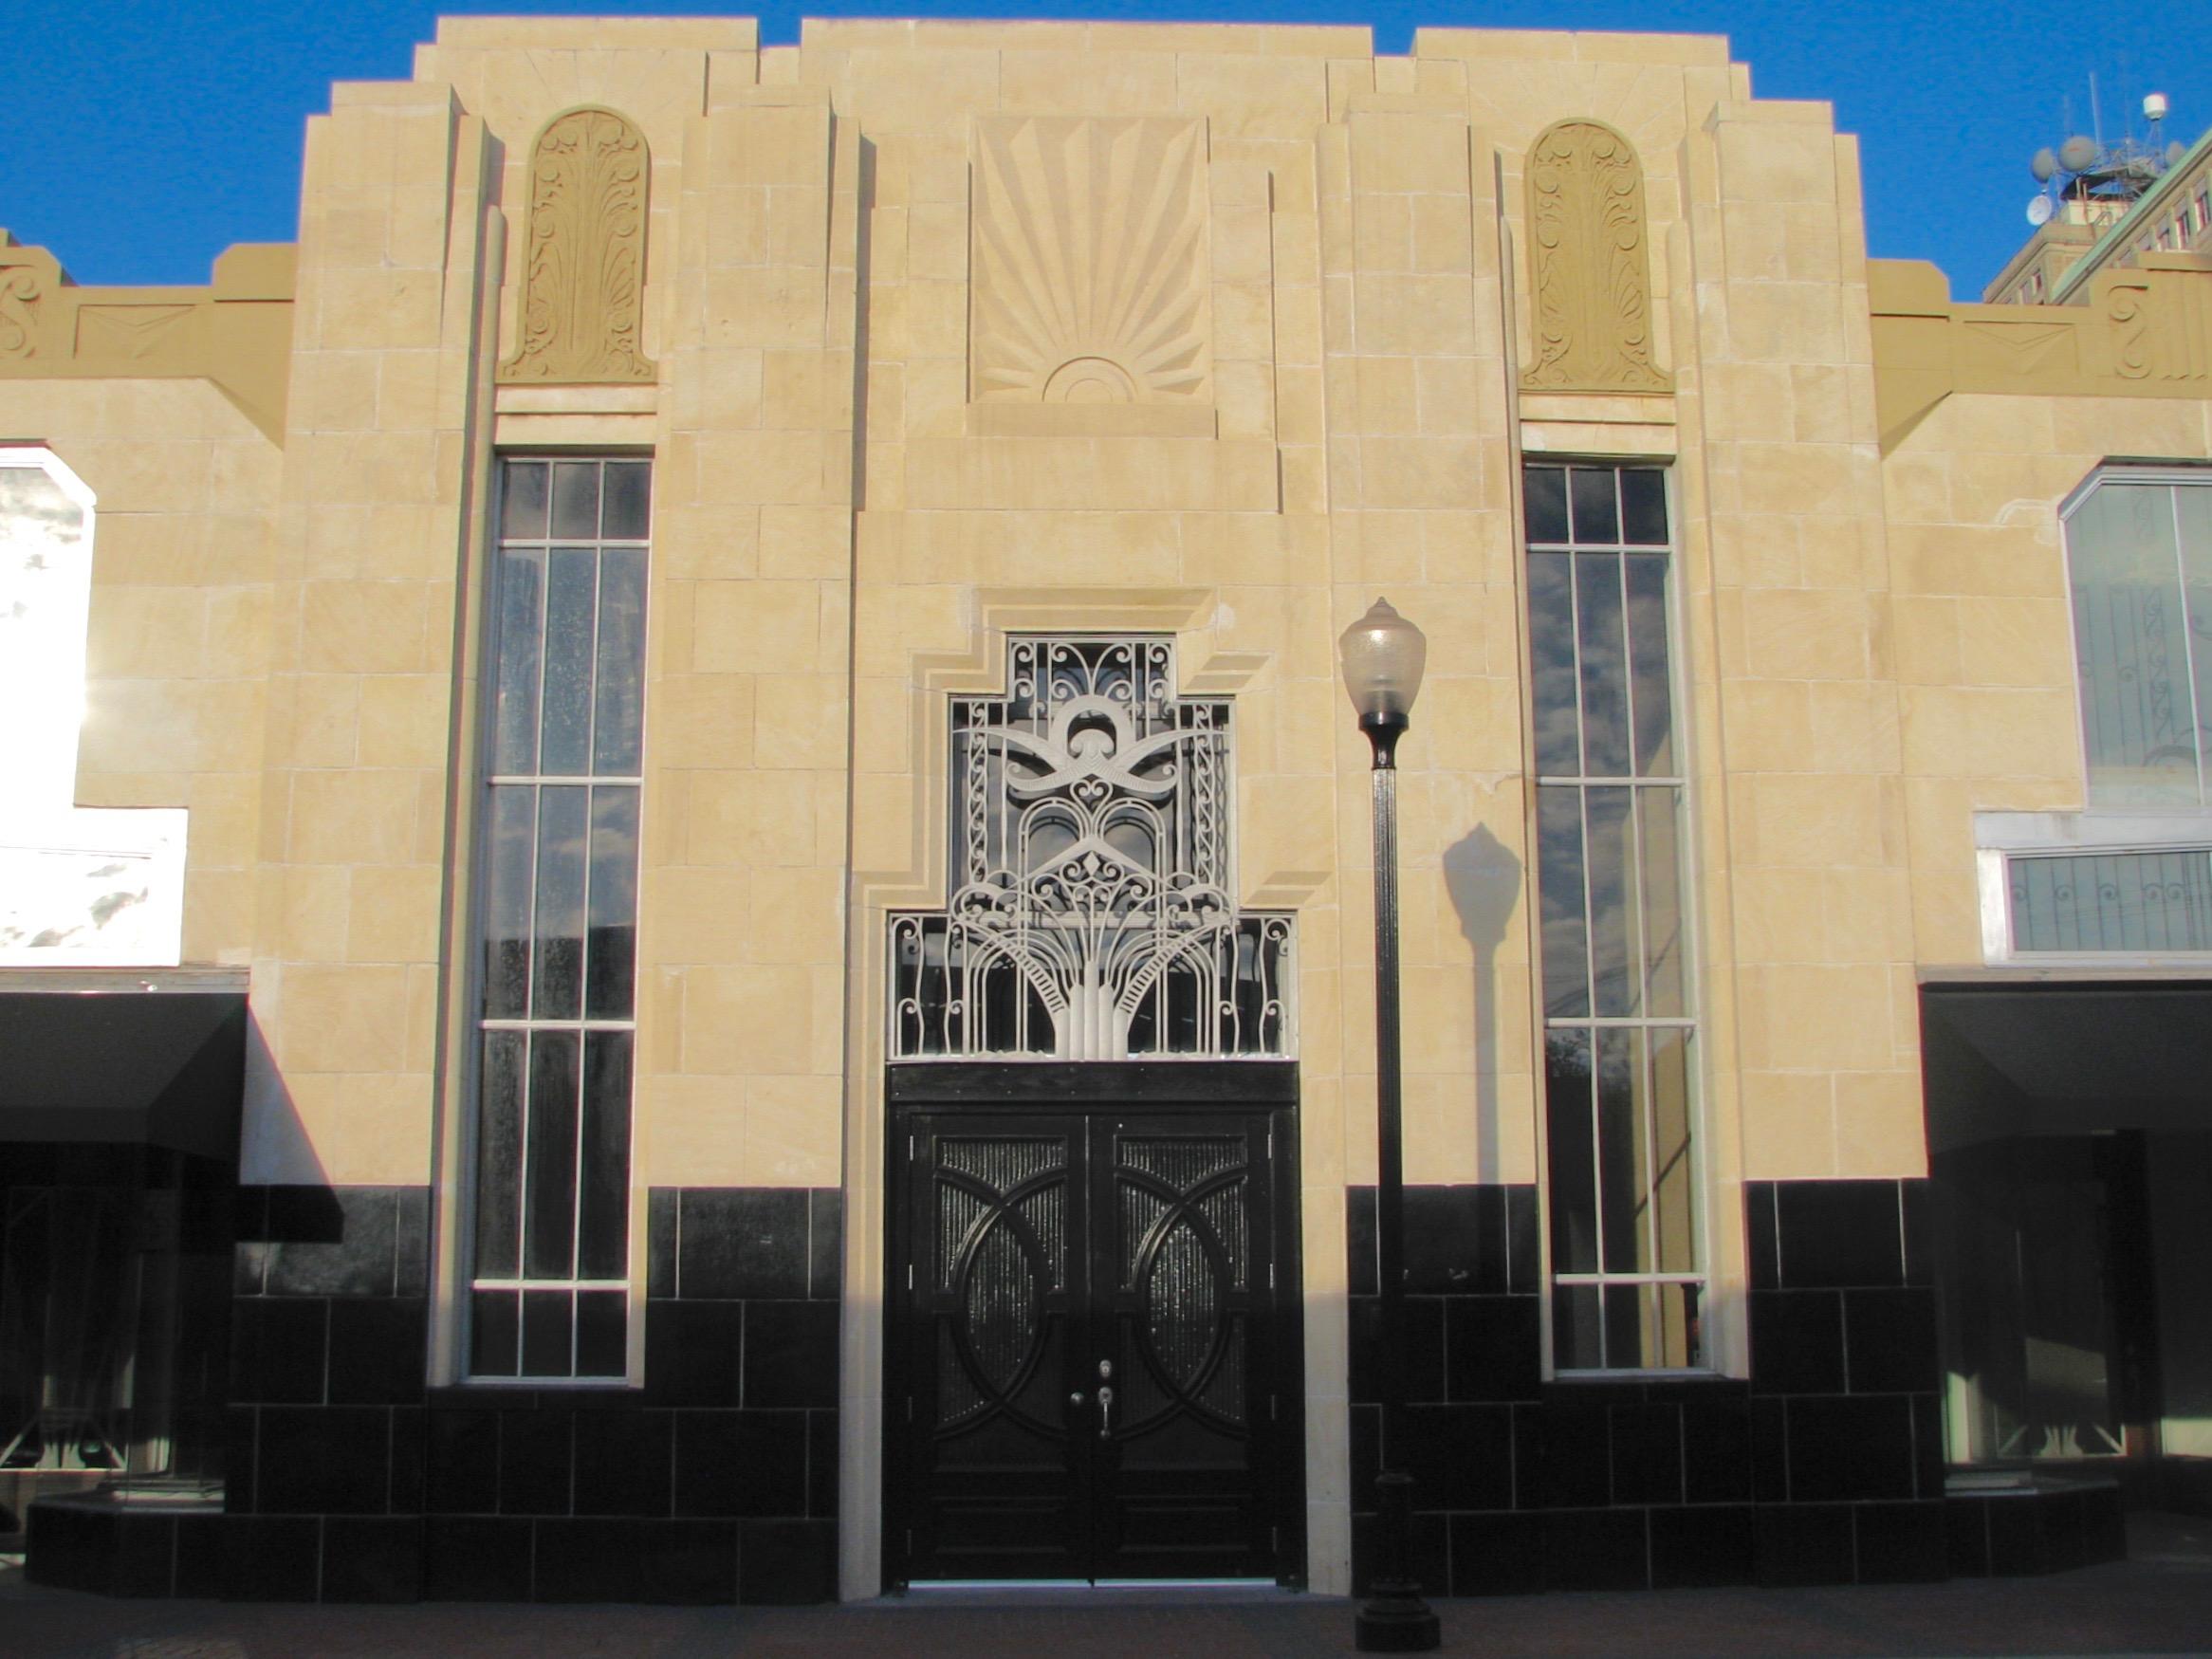 Kyle Building - 215 Orleans